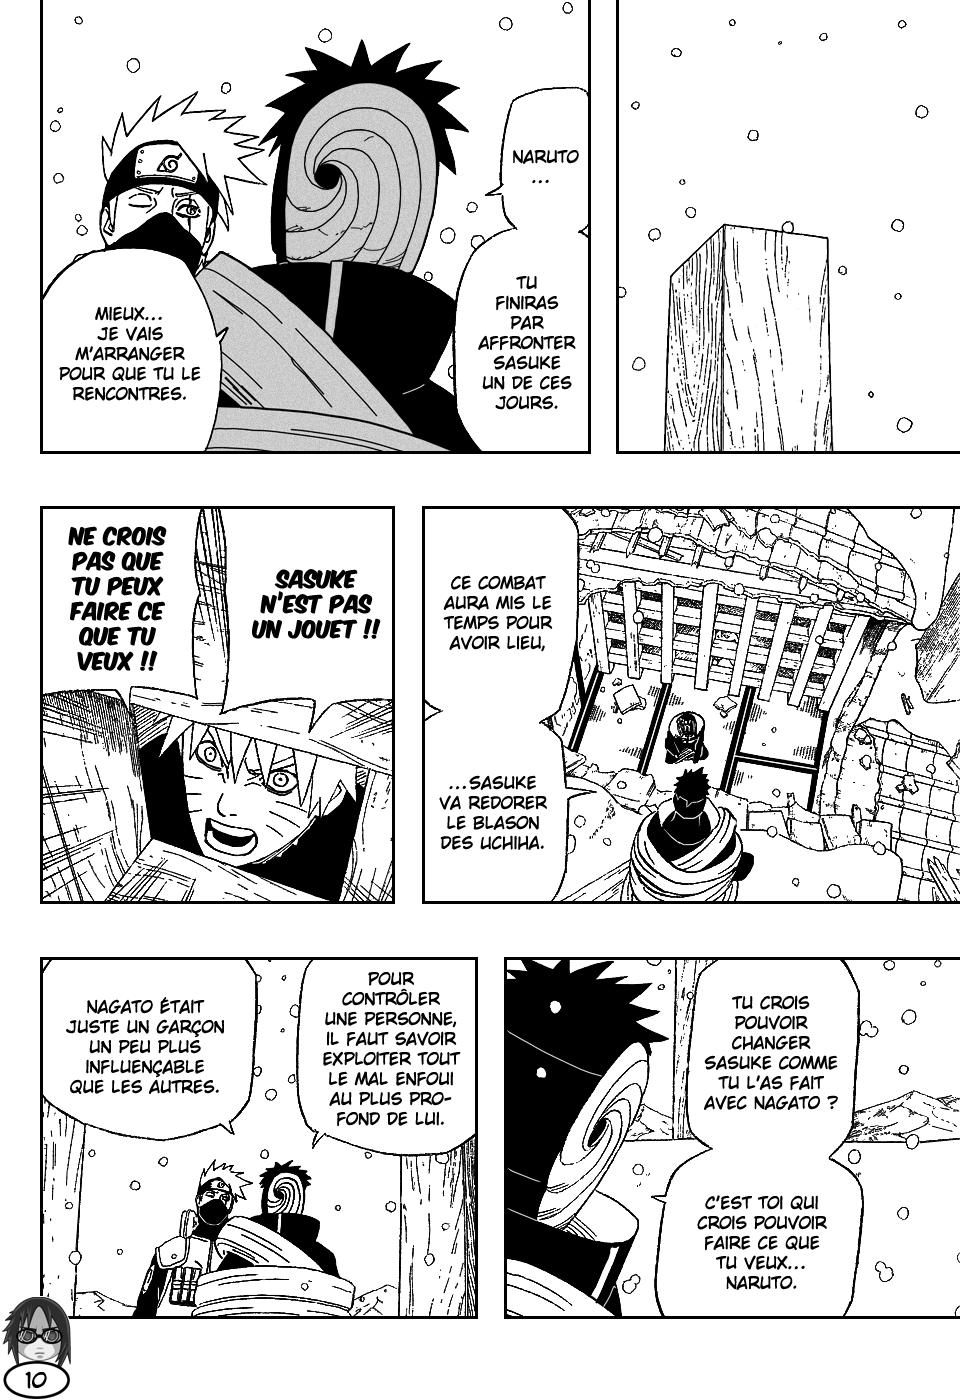 Naruto chapitre 463 - Page 9